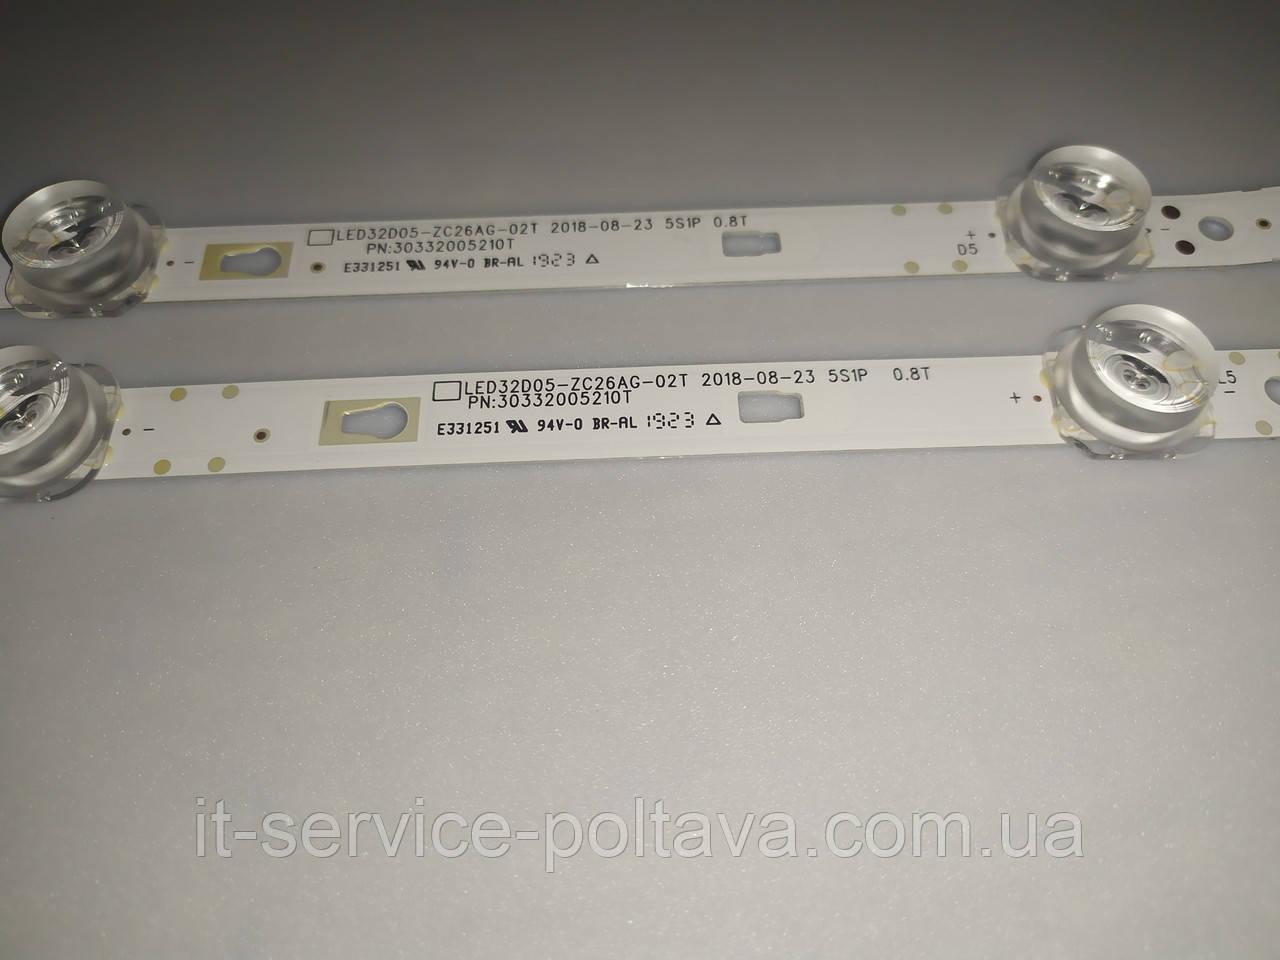 LED підсвічування LED32D05-ZC26AG-02T (30332005210T) для телевізора JVC